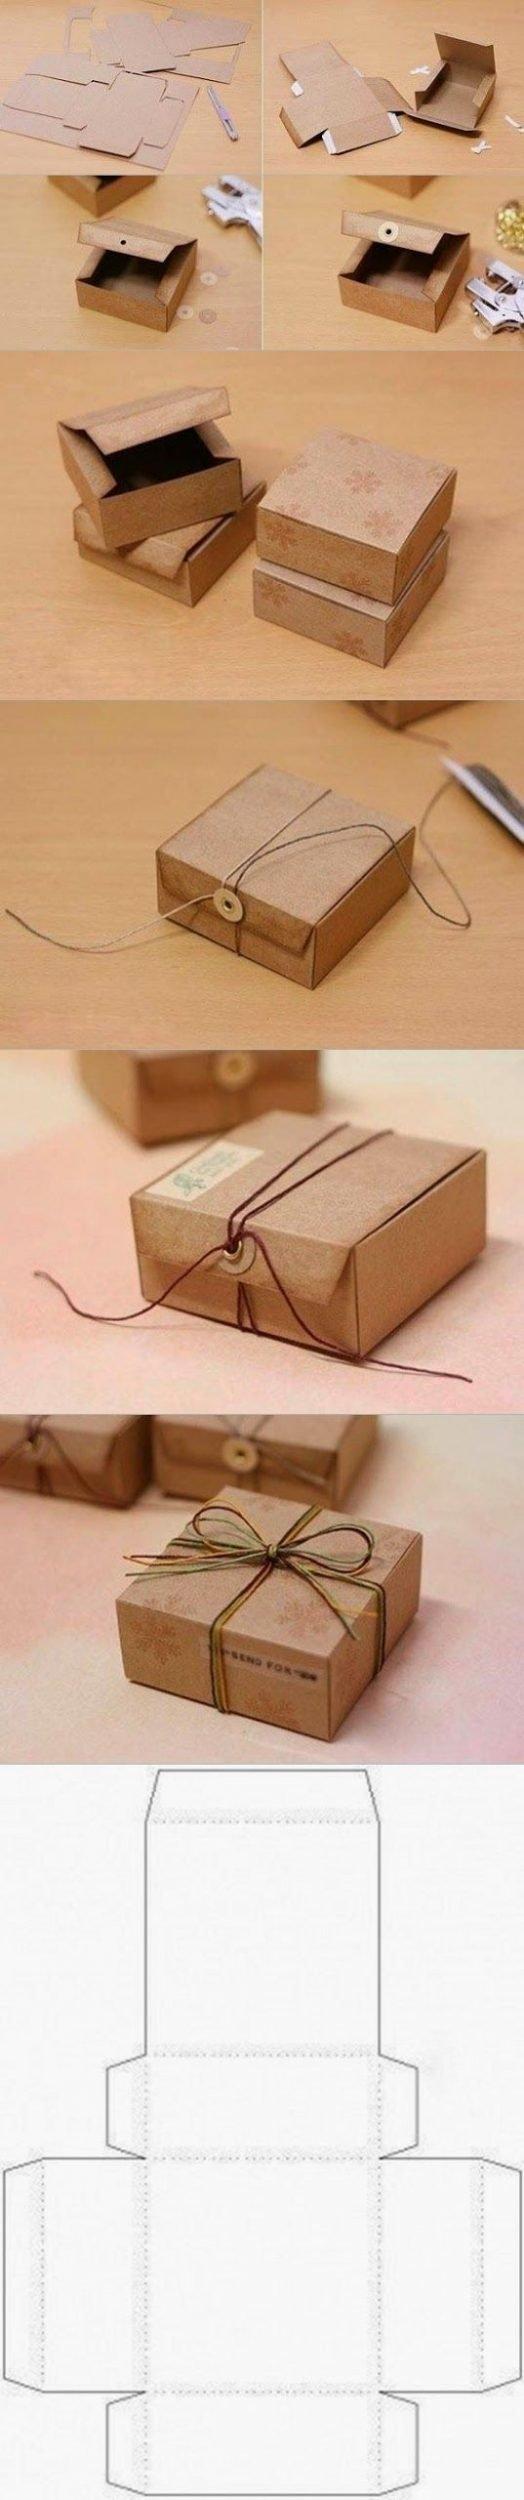 Preiswerte Idee: Schachtel falten aus Pappe